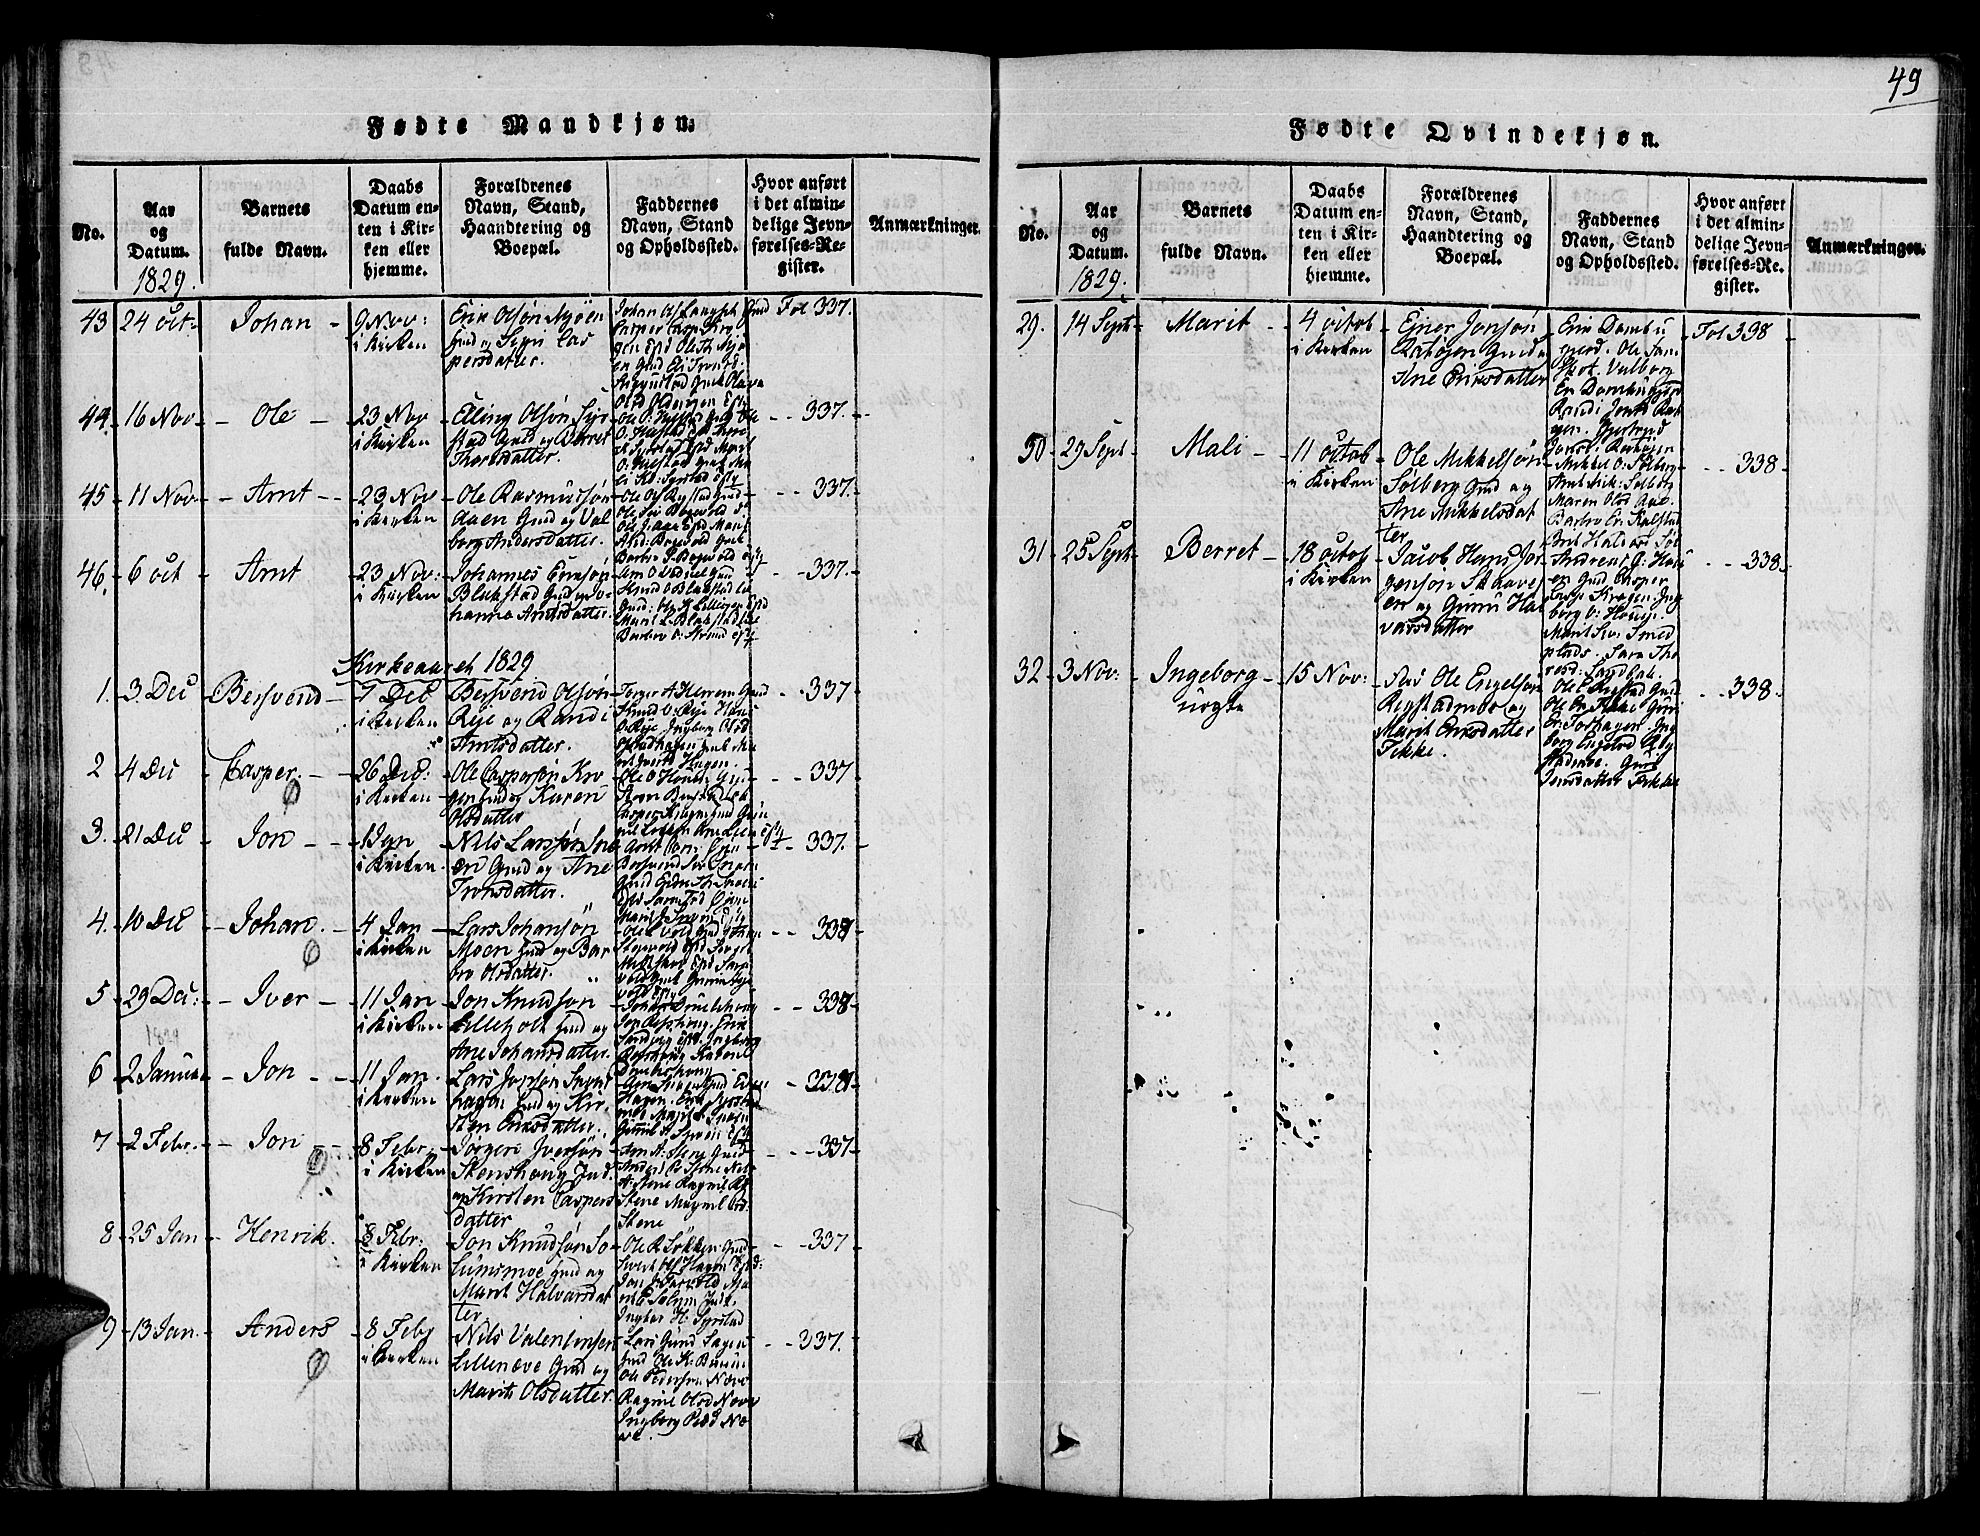 SAT, Ministerialprotokoller, klokkerbøker og fødselsregistre - Sør-Trøndelag, 672/L0853: Ministerialbok nr. 672A06 /1, 1816-1829, s. 49